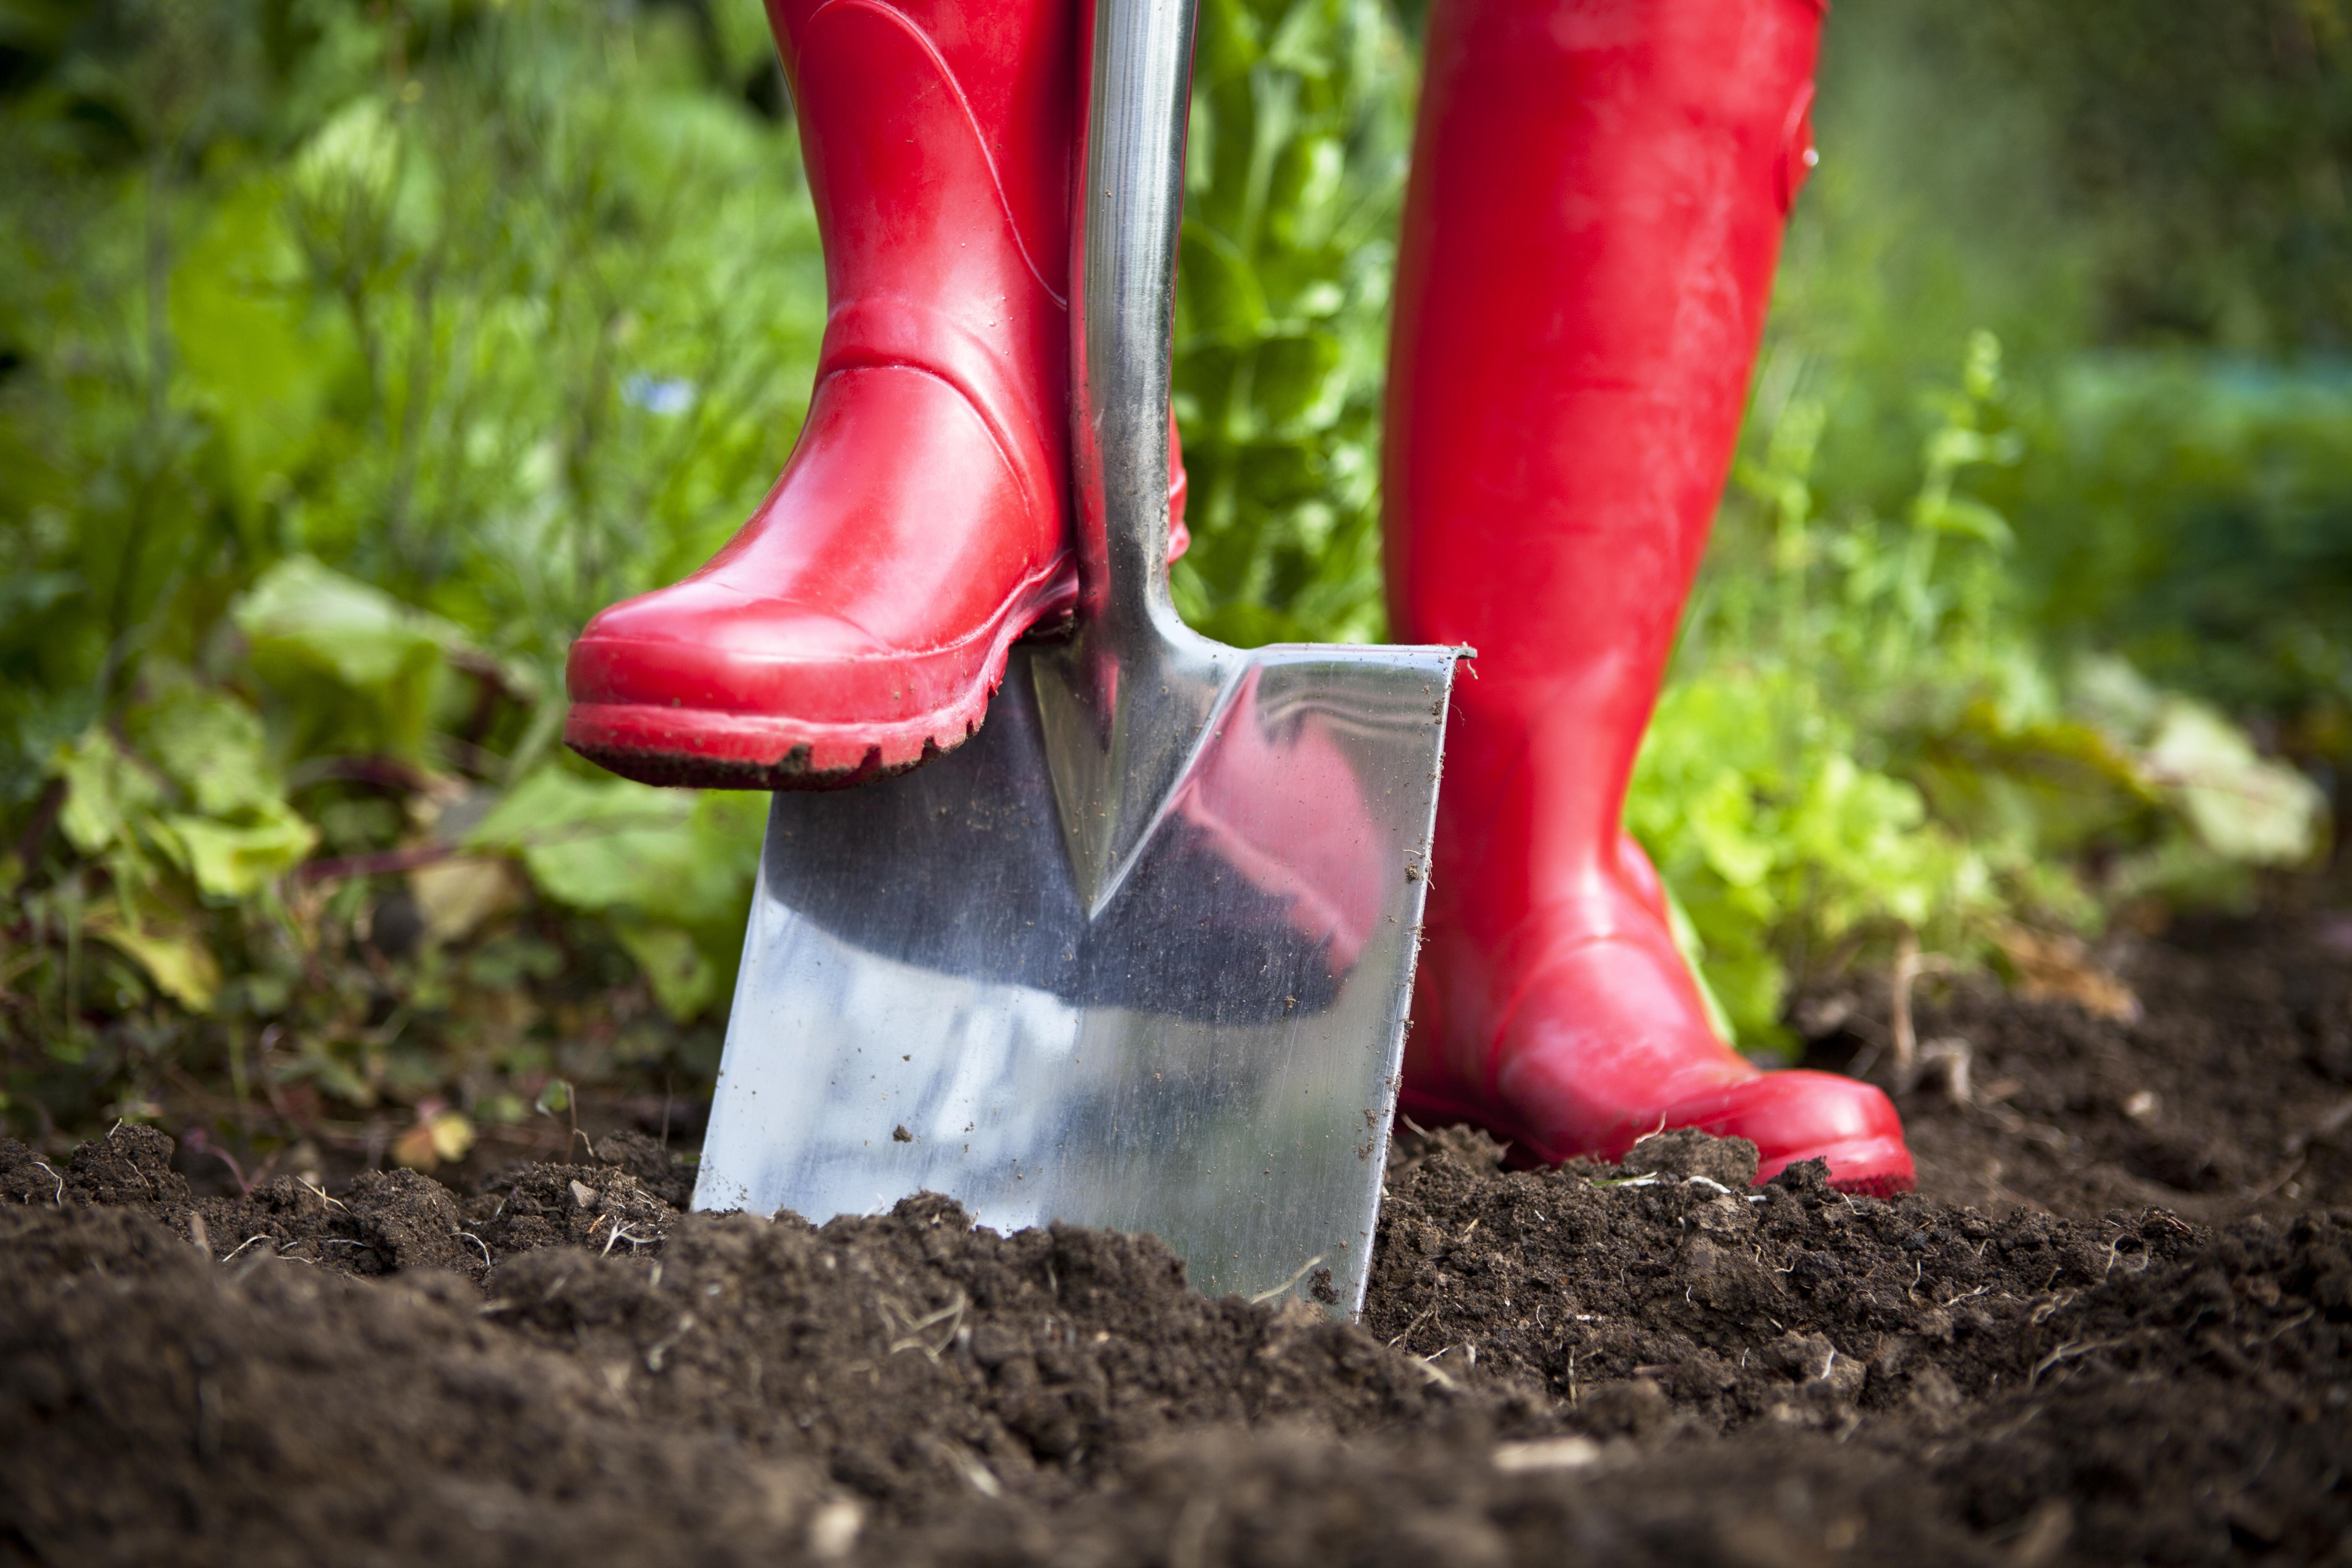 Cosa Piantare A Febbraio febbraio: i lavori da fare in giardino e nell'orto | fito